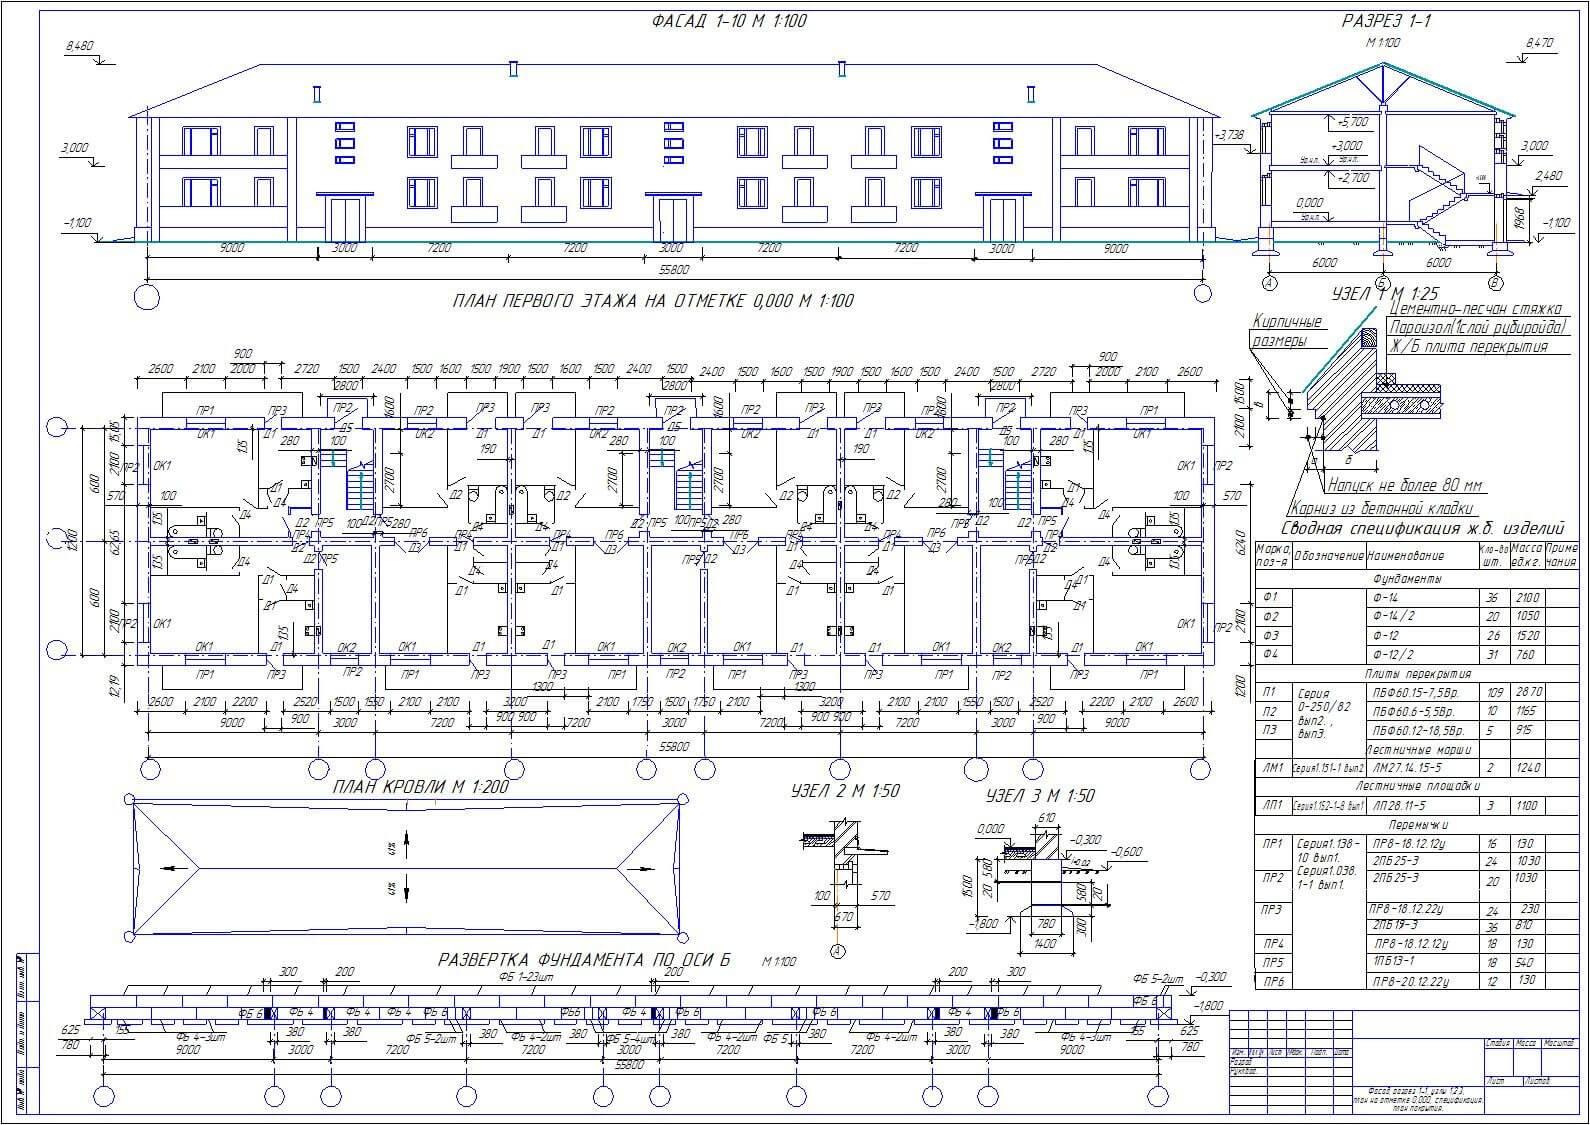 modulnye zdanija promyshlennye 5 Модульные здания